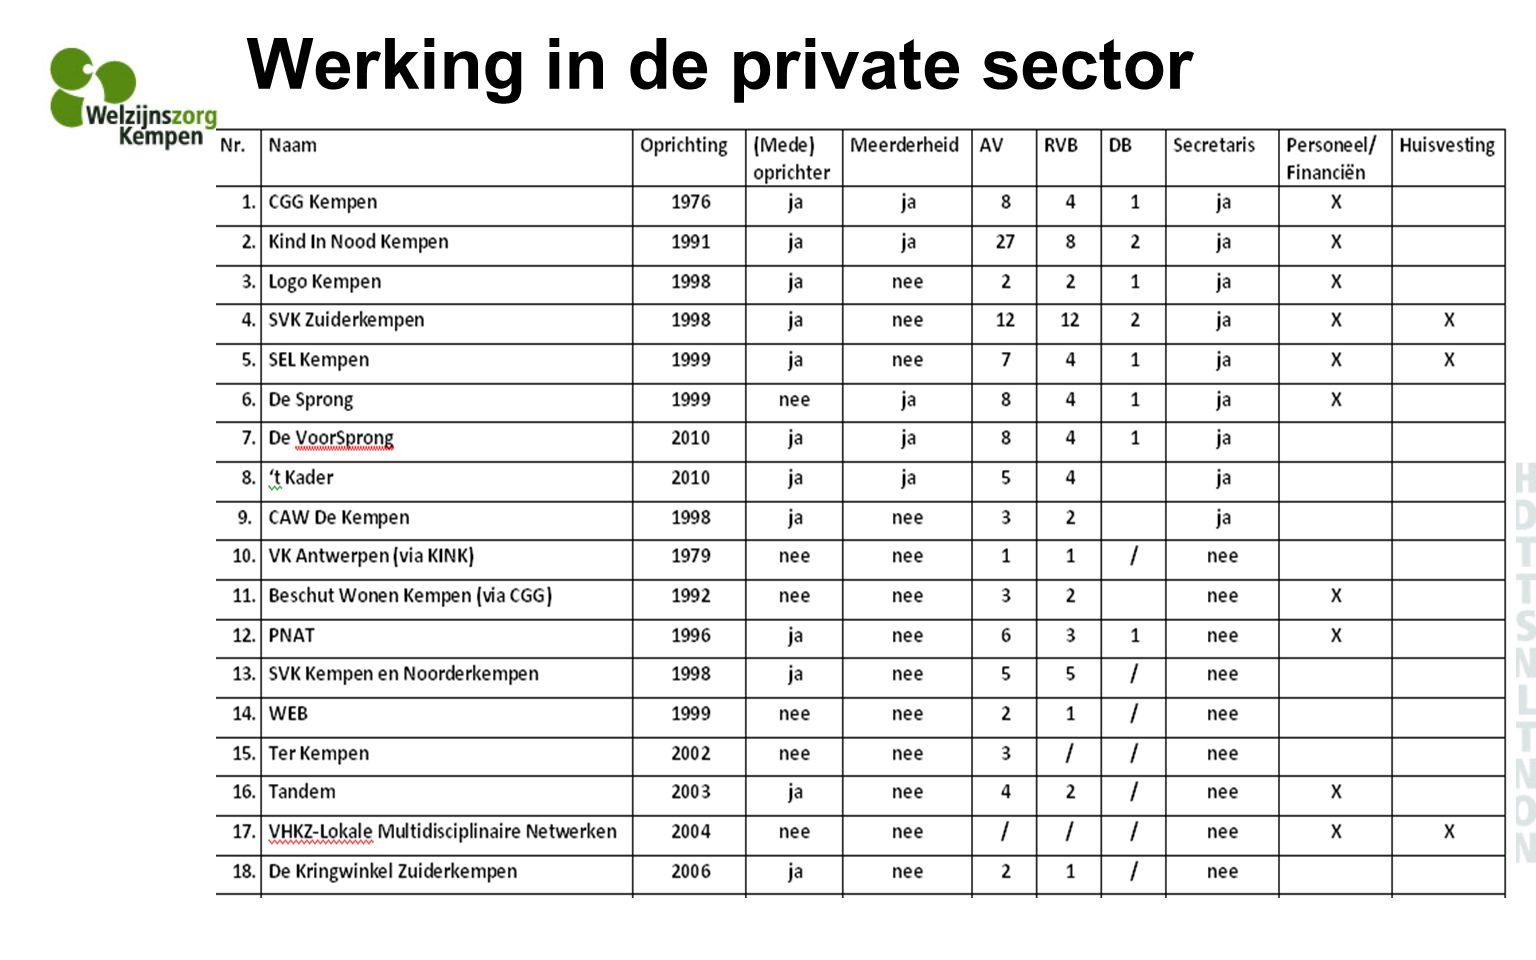 Werking in de private sector